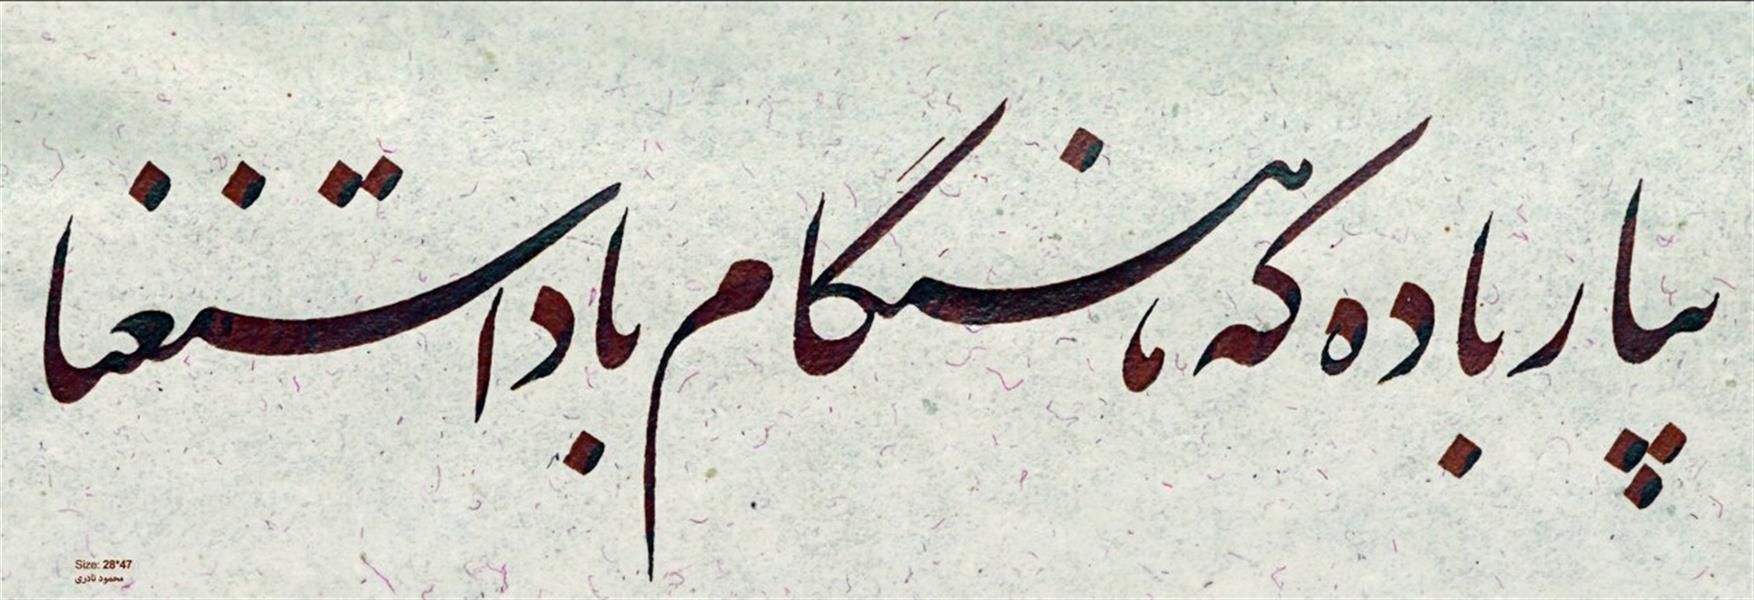 هنر خوشنویسی محفل خوشنویسی محمود نادری قطعه، کاغذ دست ساز آهار مهره